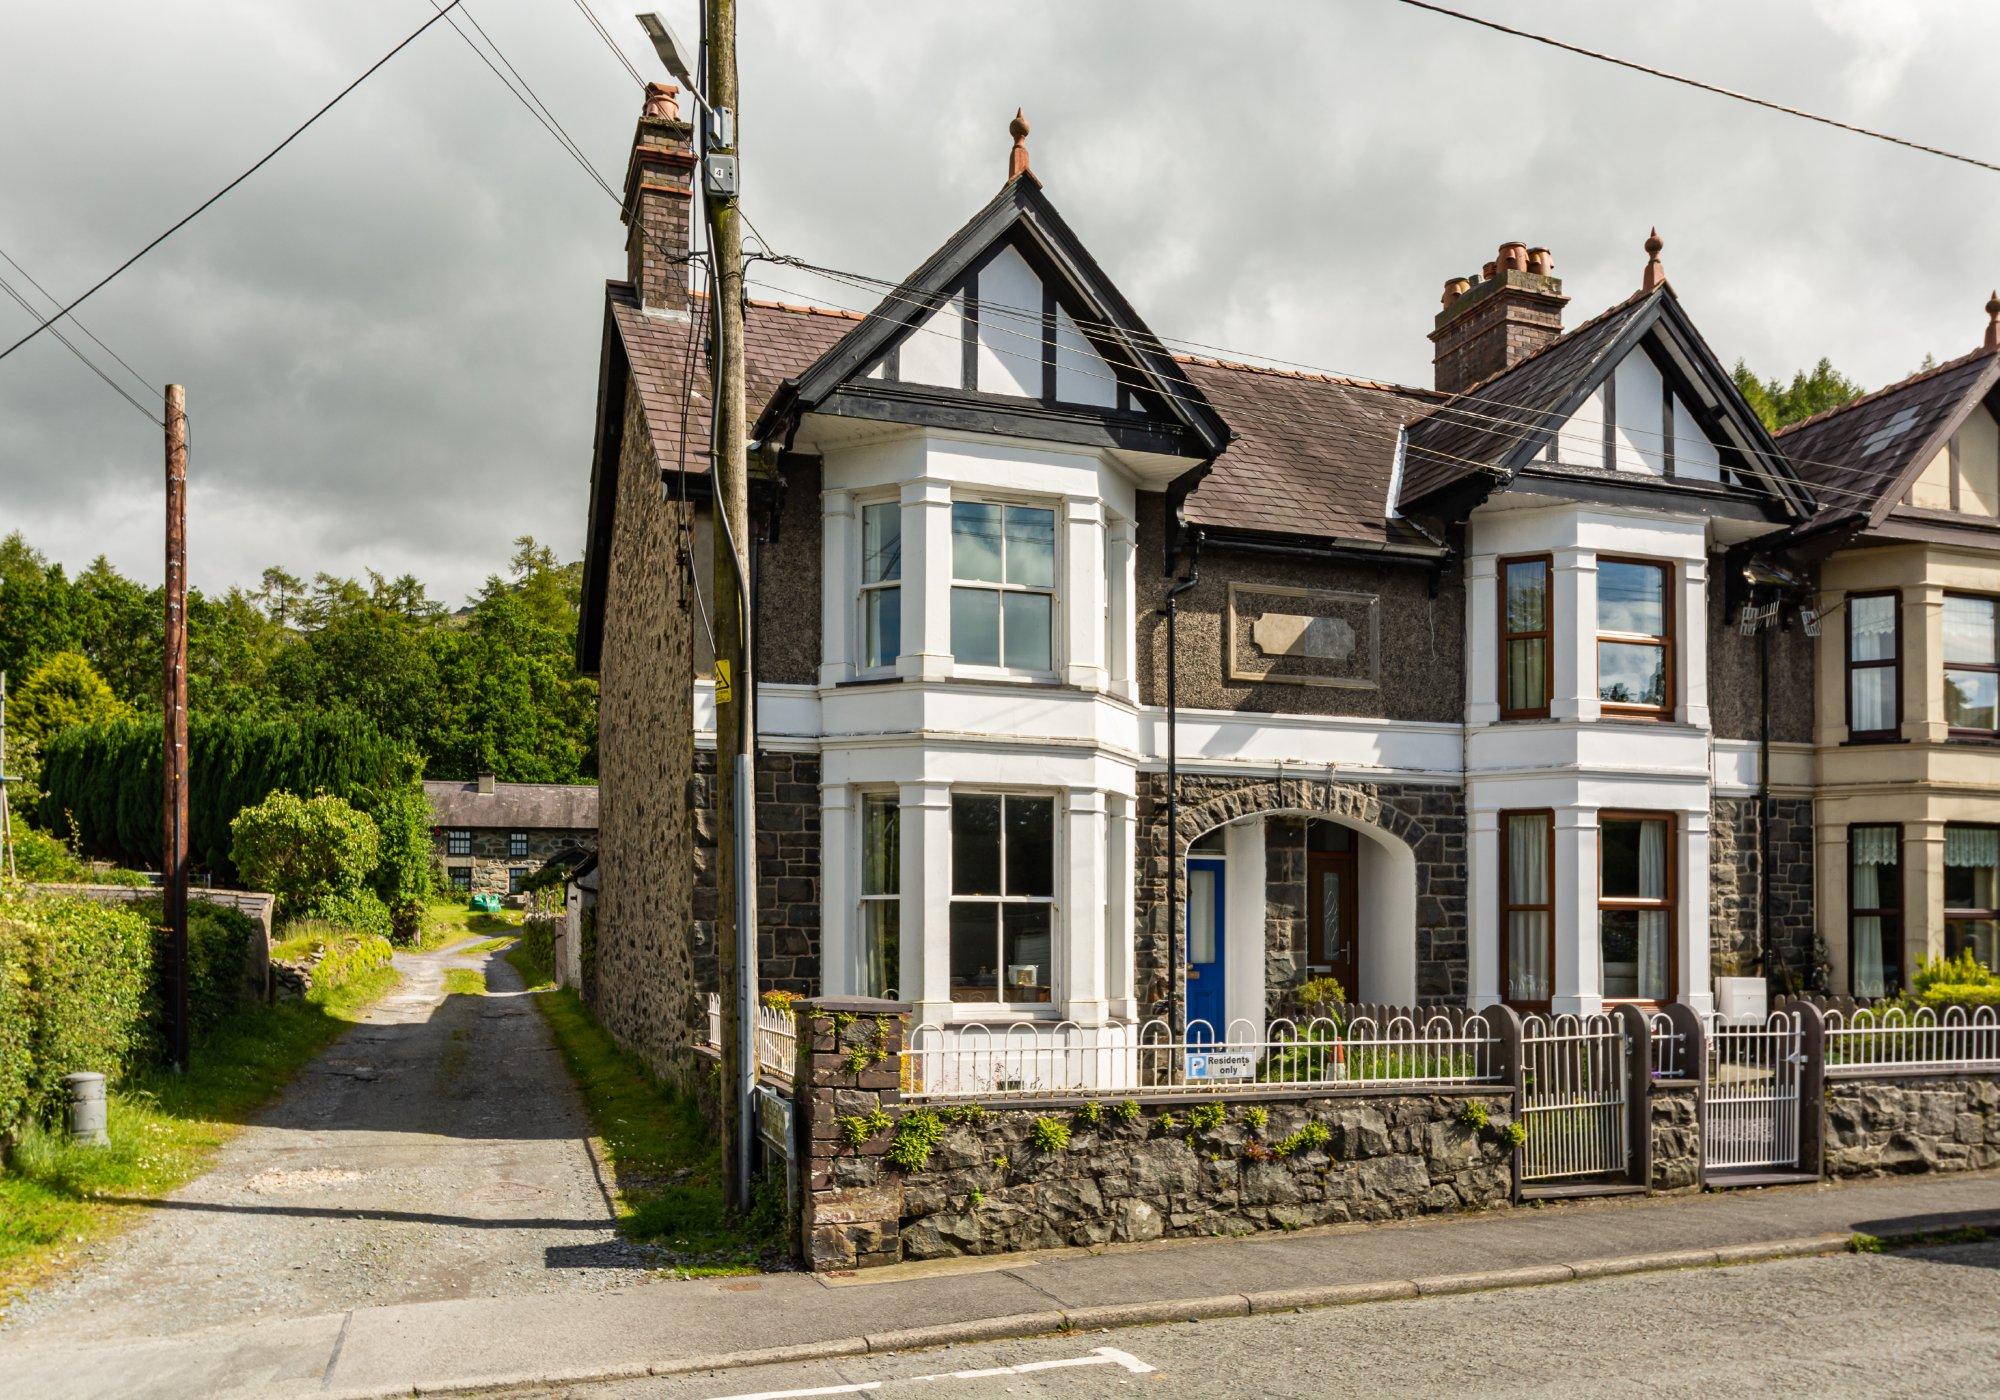 York Terrace, Llanberis, North Wales